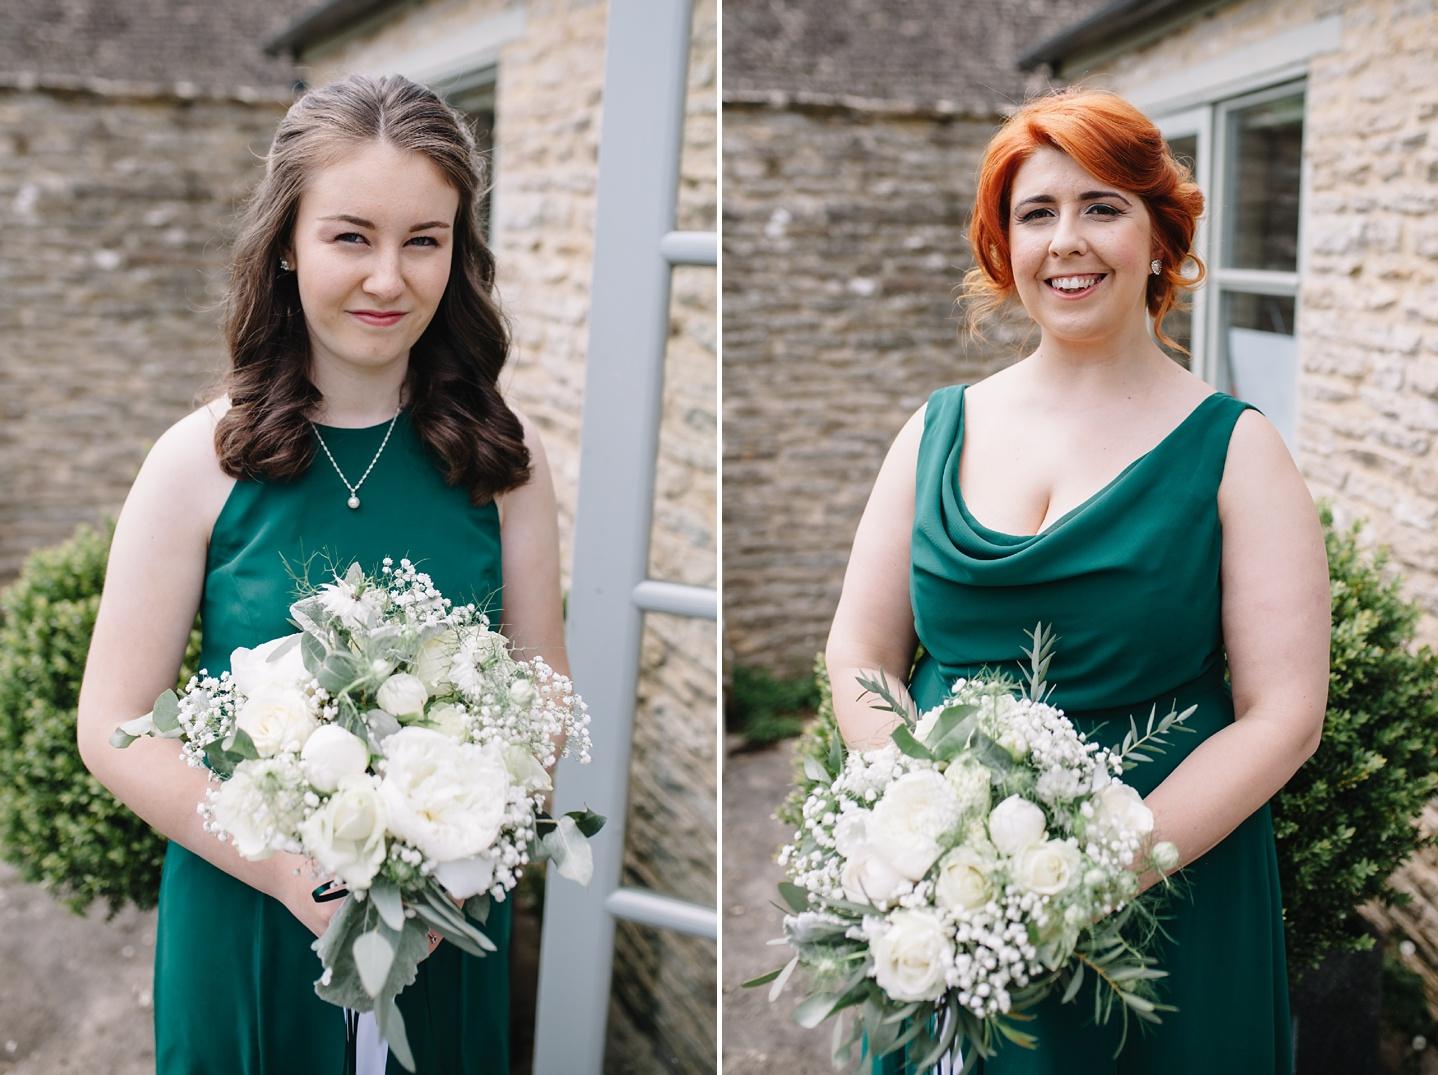 Oxleaze-Barn-Wedding-Photographer_0032.jpg